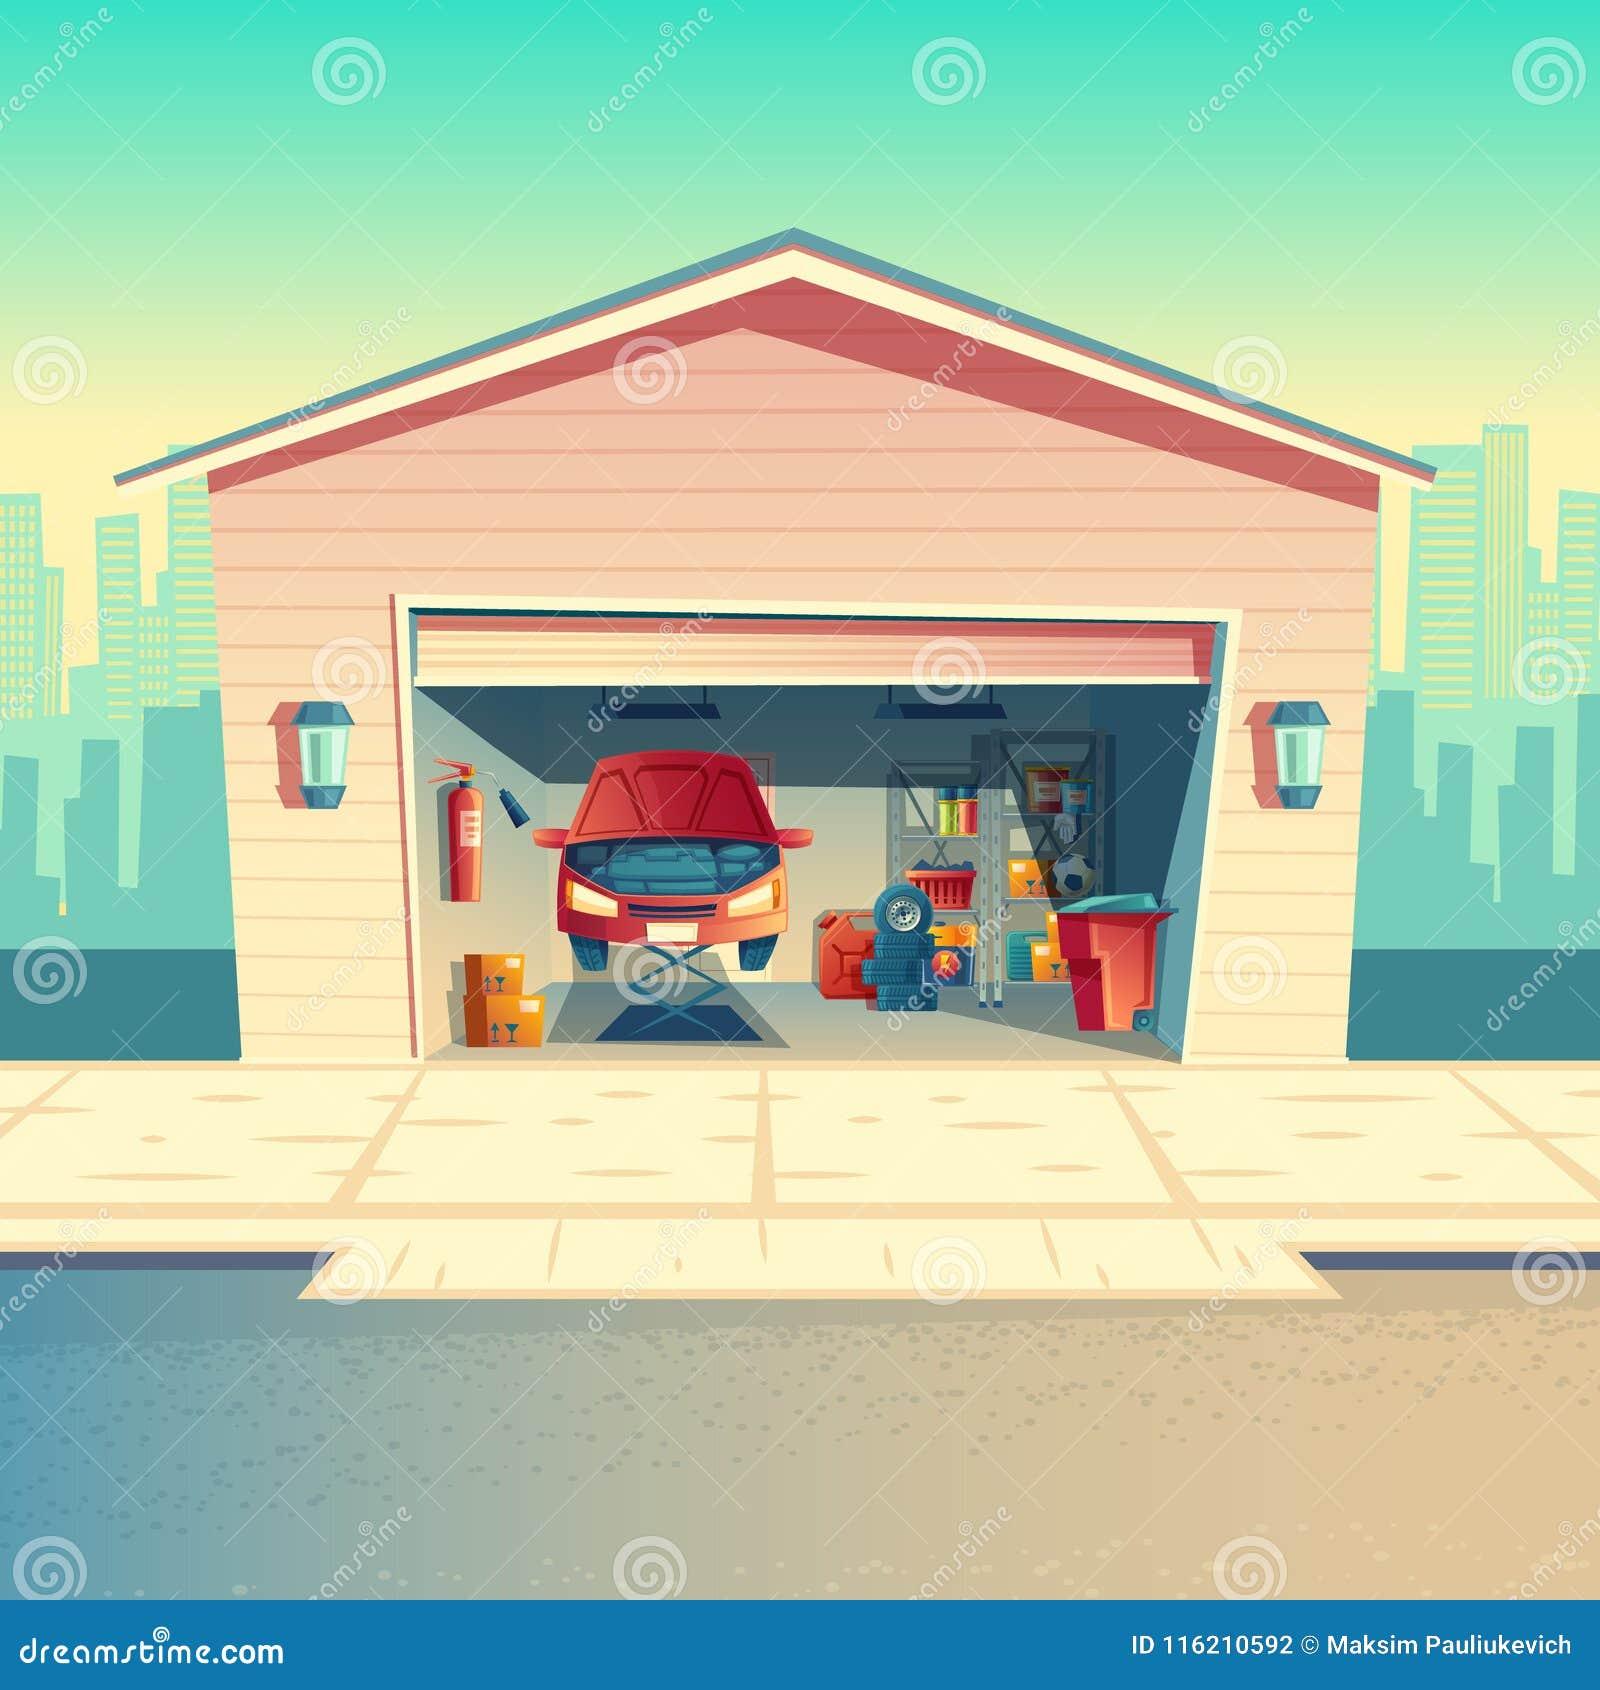 Vectorbeeldverhaal Mechanische Workshop Met Auto Garage Stock Foto